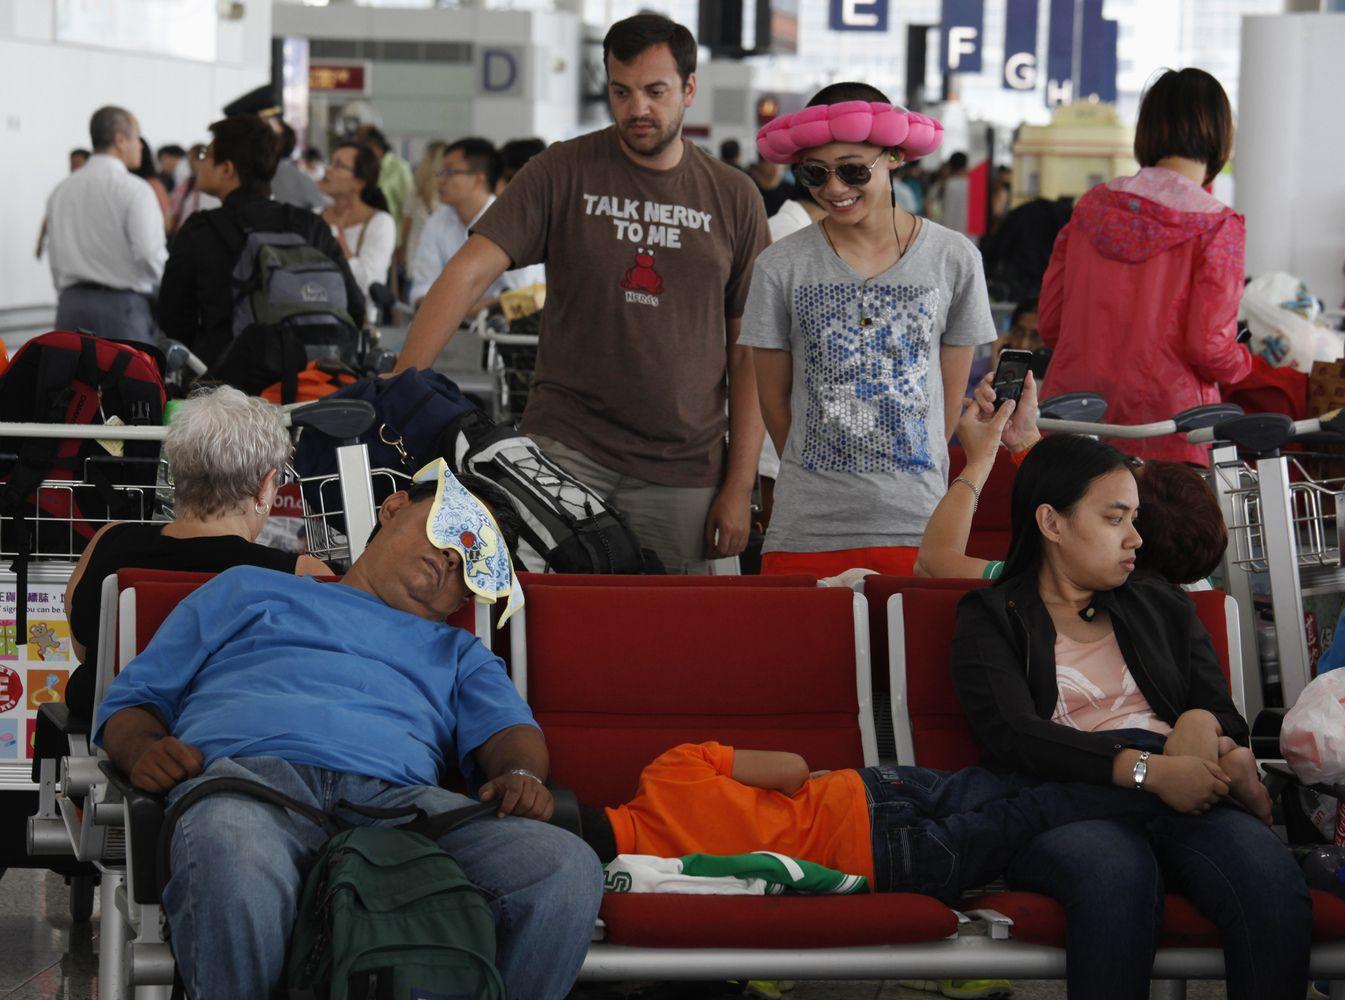 Tautos keliauninkės: kas keliauja daugiausiai